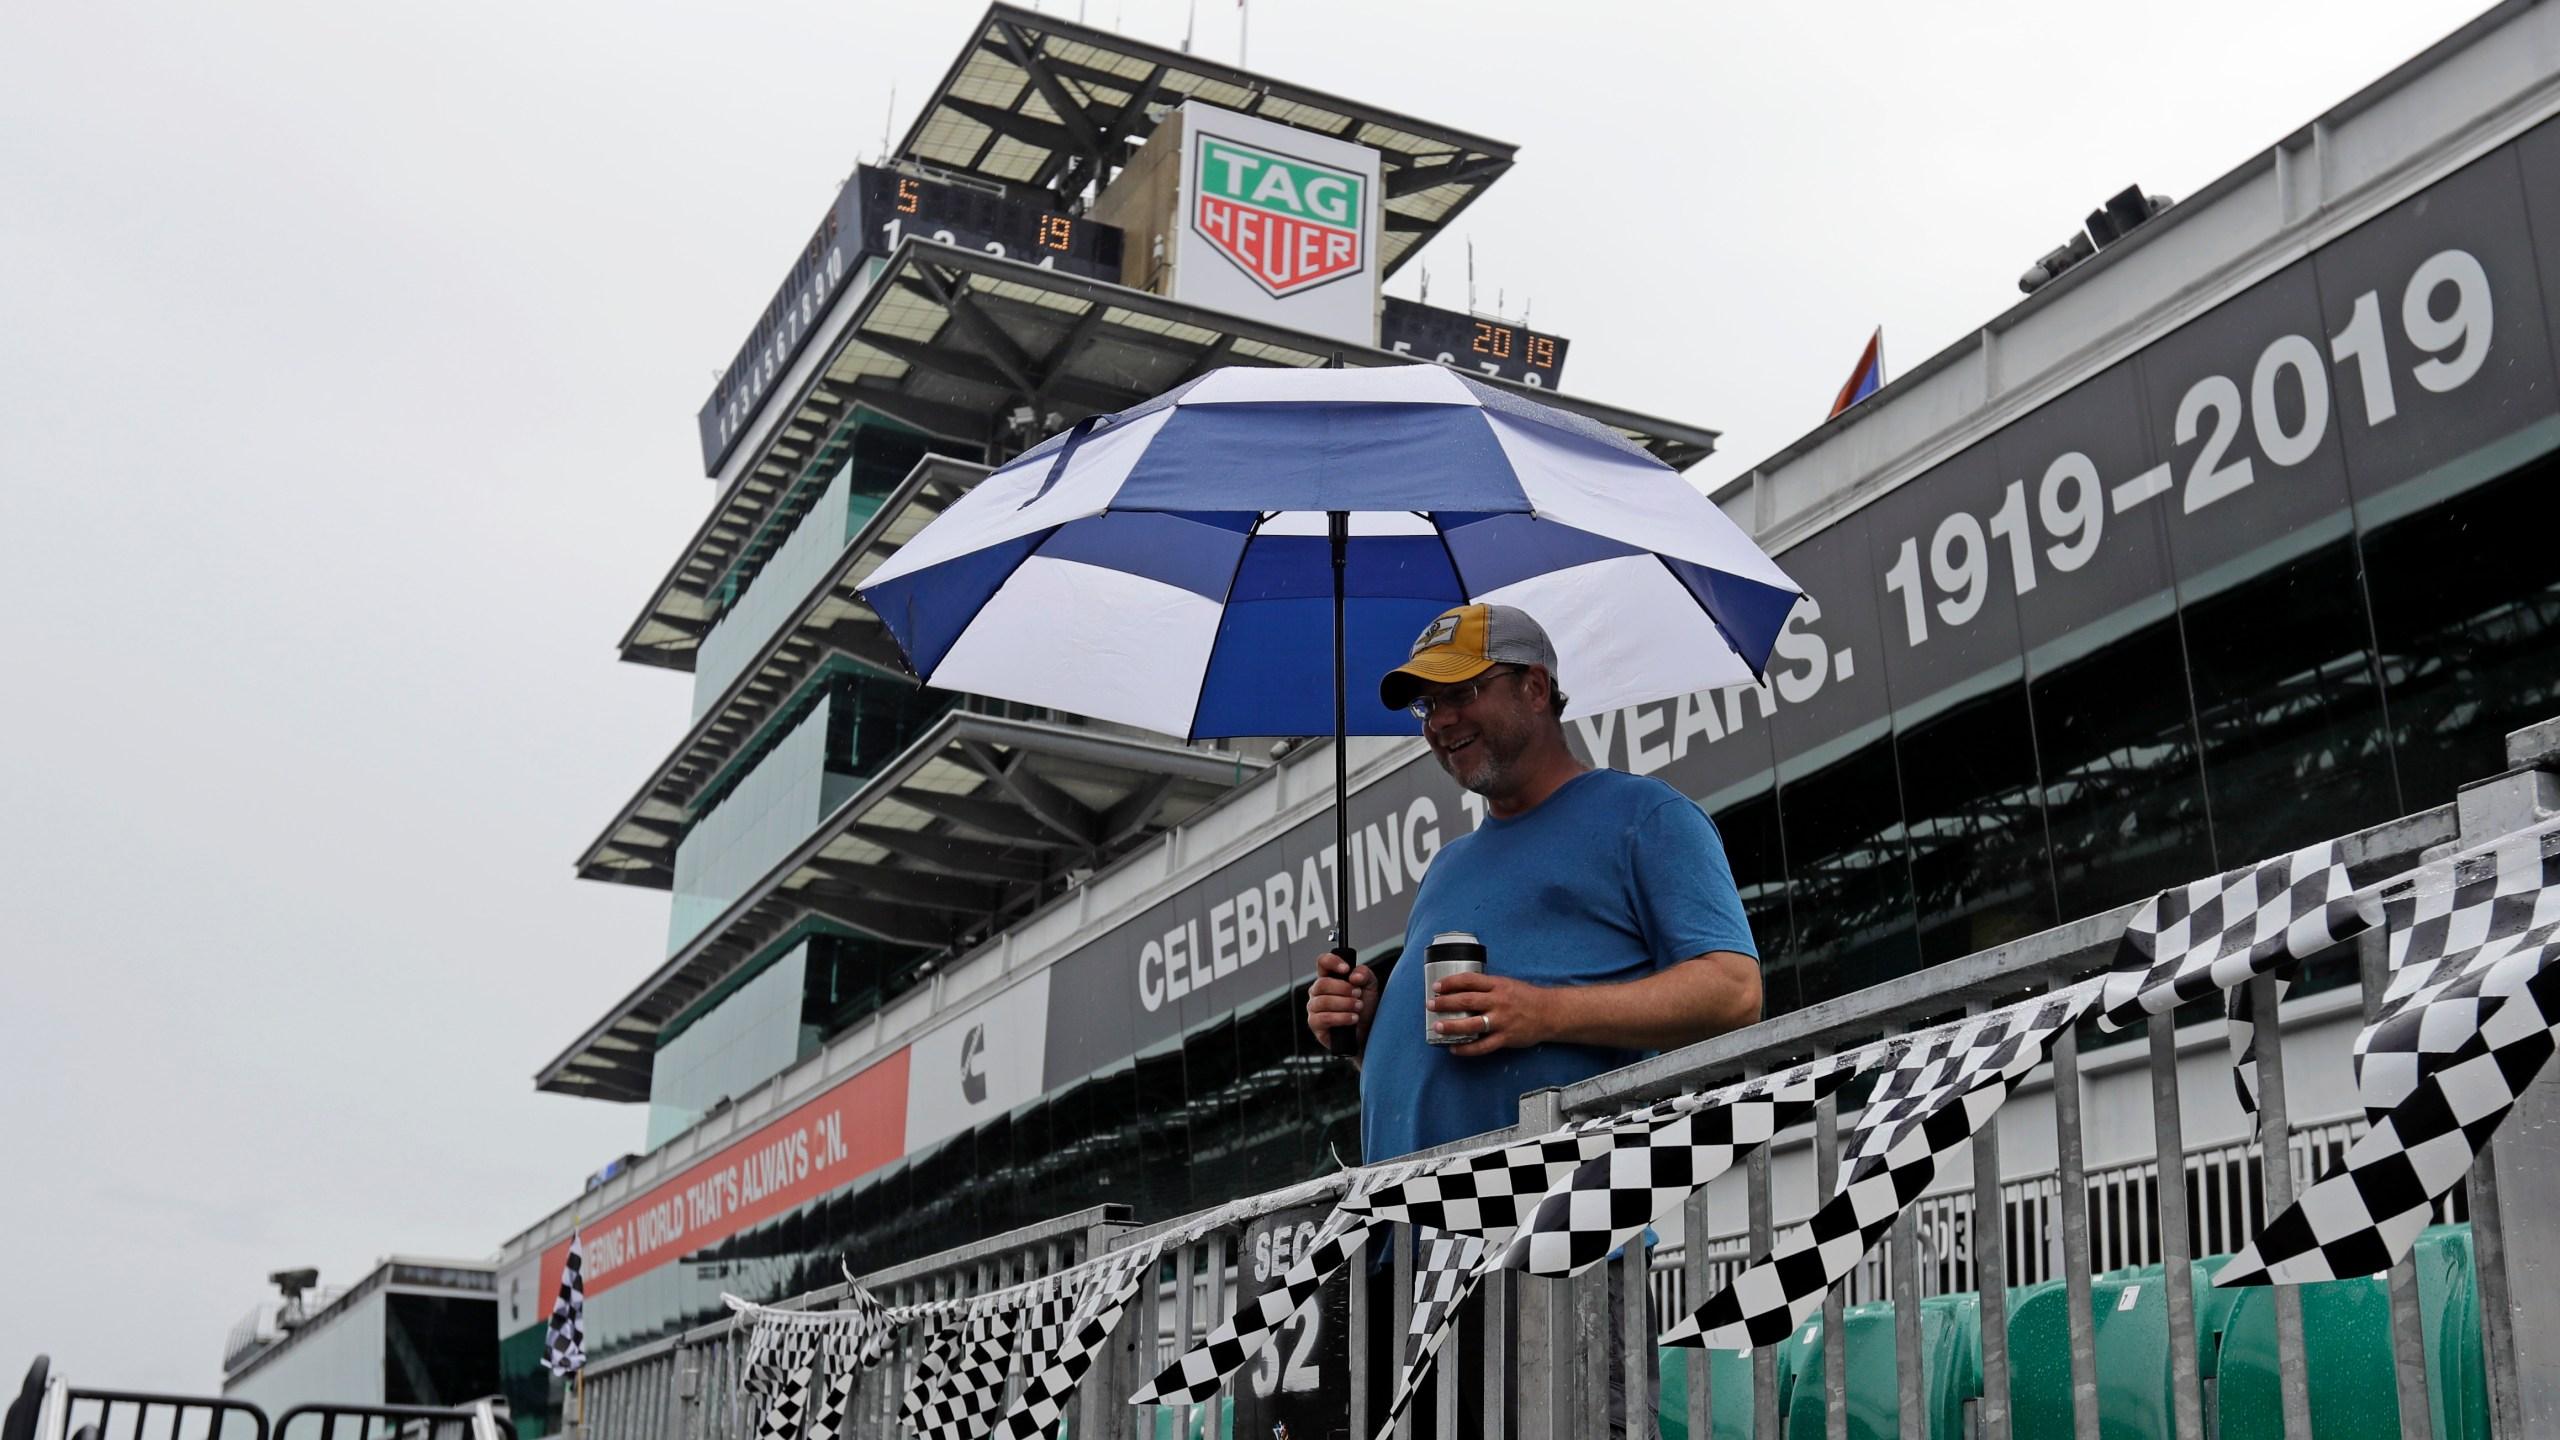 IndyCar Indy 500 Auto Racing_1558647957650-873774424-873774424-873774424